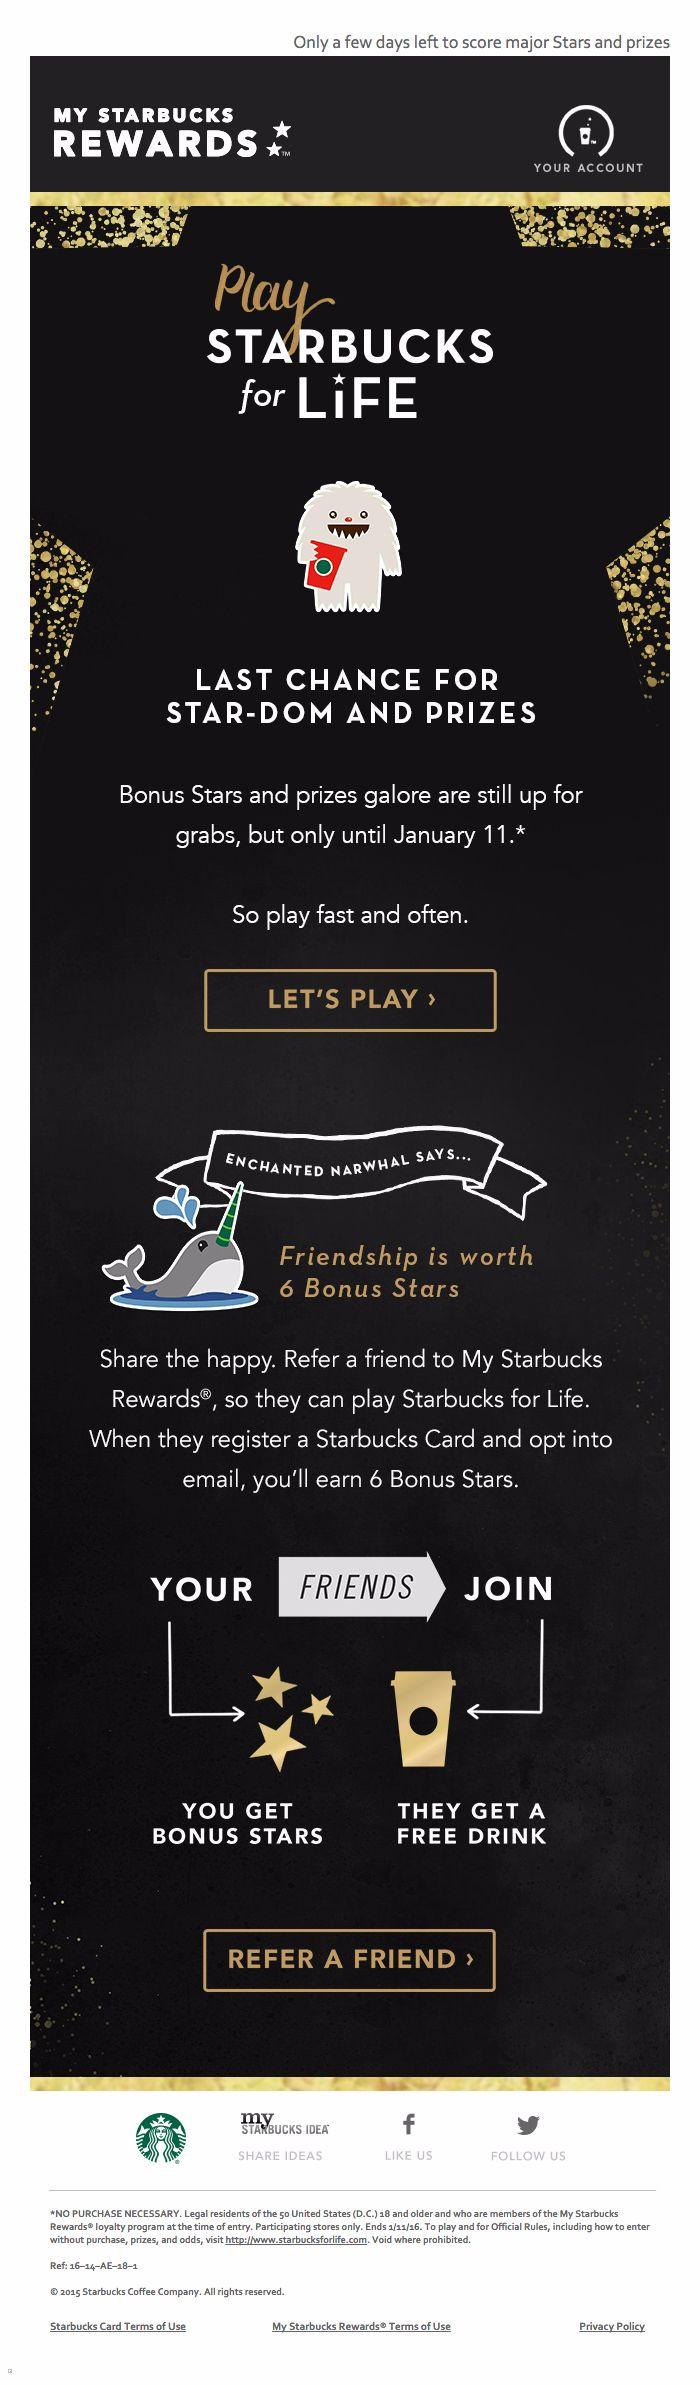 Starbucks: Play Starbucks for Life